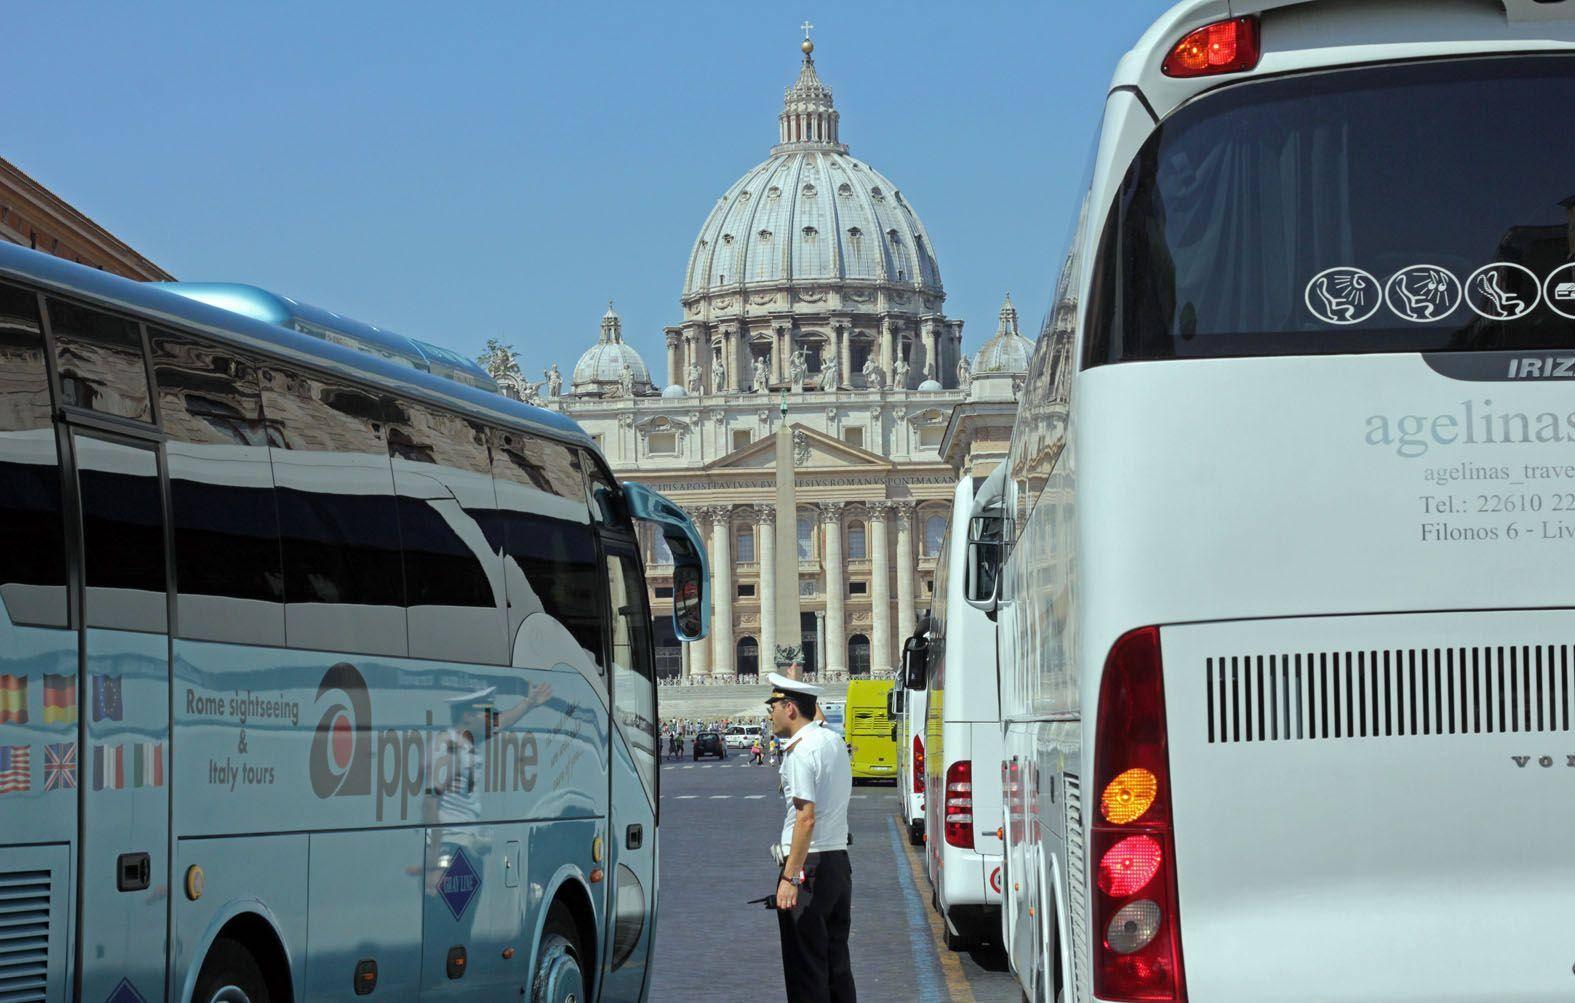 Bus turistici, via libera dal Campidoglio al piano: nuove regole per la zona di San Pietro